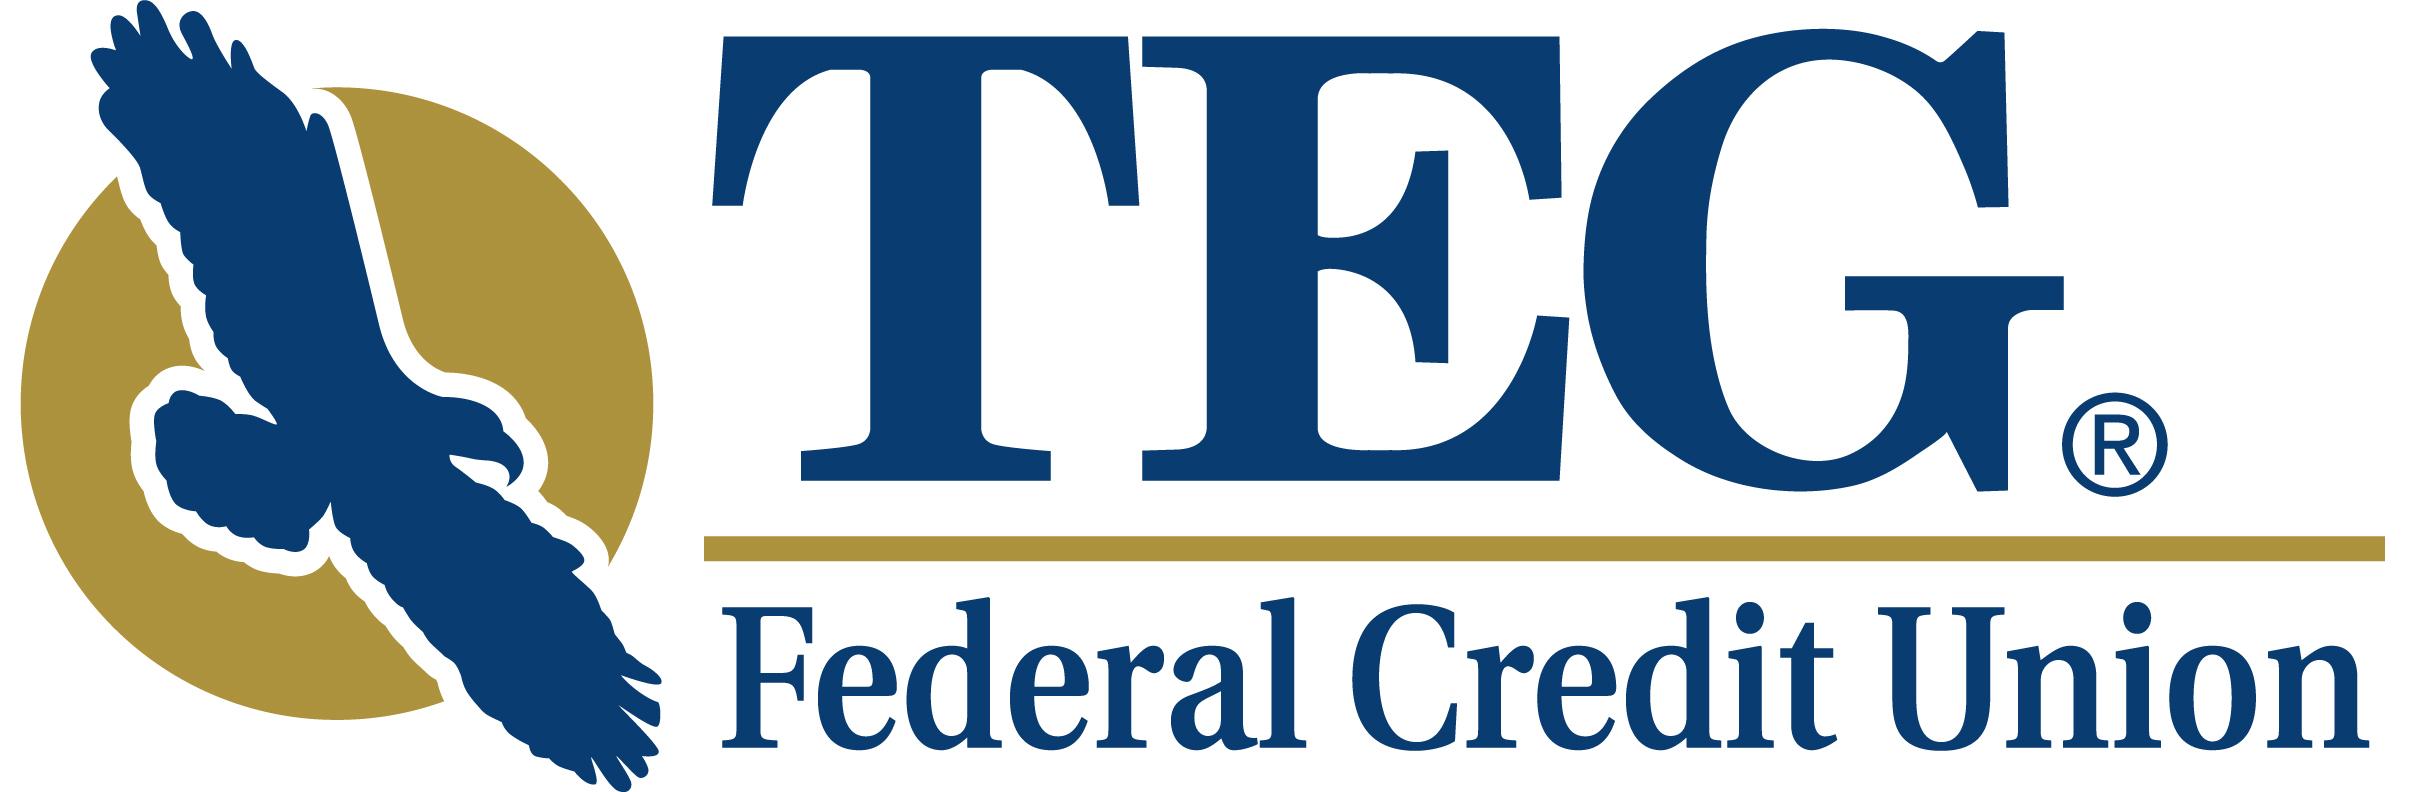 TEG Federal Credit Union logo